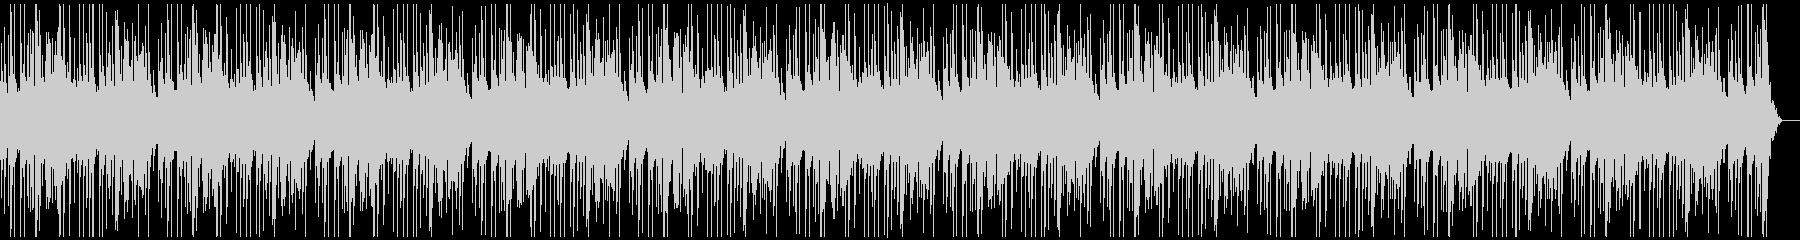 神秘・清楚で女性的な高音ピアノBGMの未再生の波形